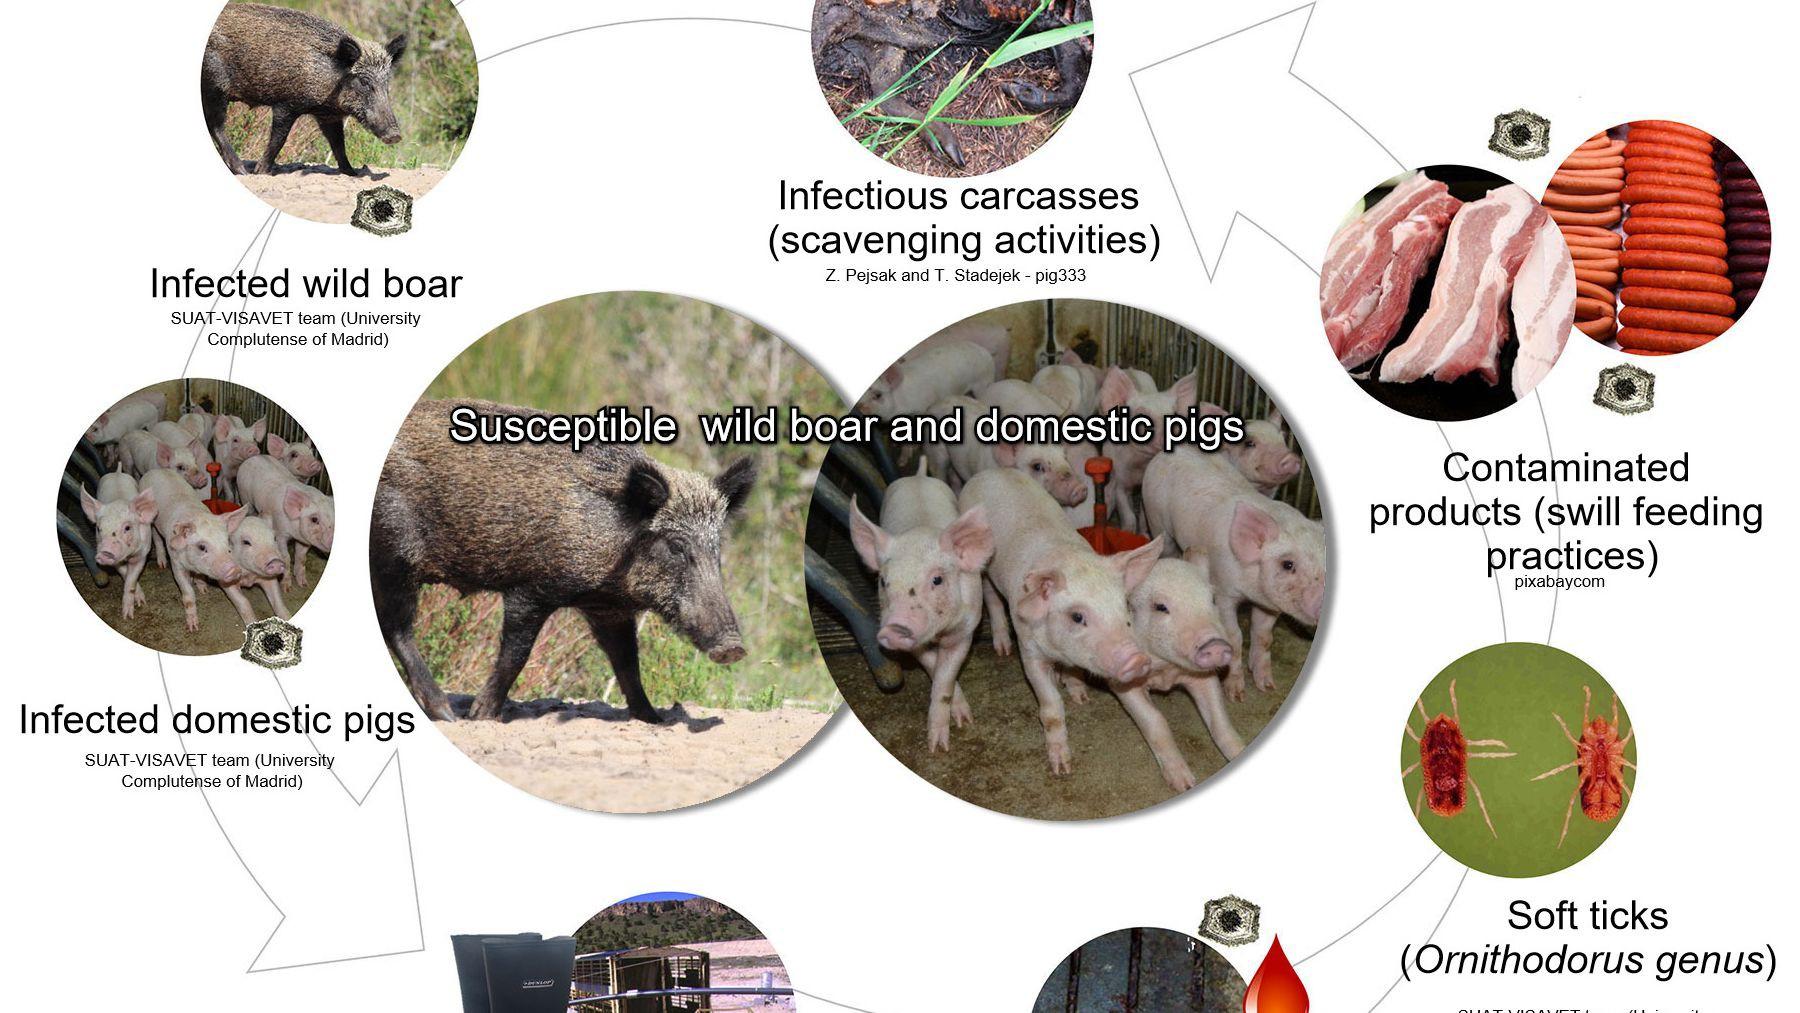 Hàn Quốc xây dựng hàng rào ngăn chặn nguy cơ lây lan của dịch tả heo Châu Phi - Ảnh 2.